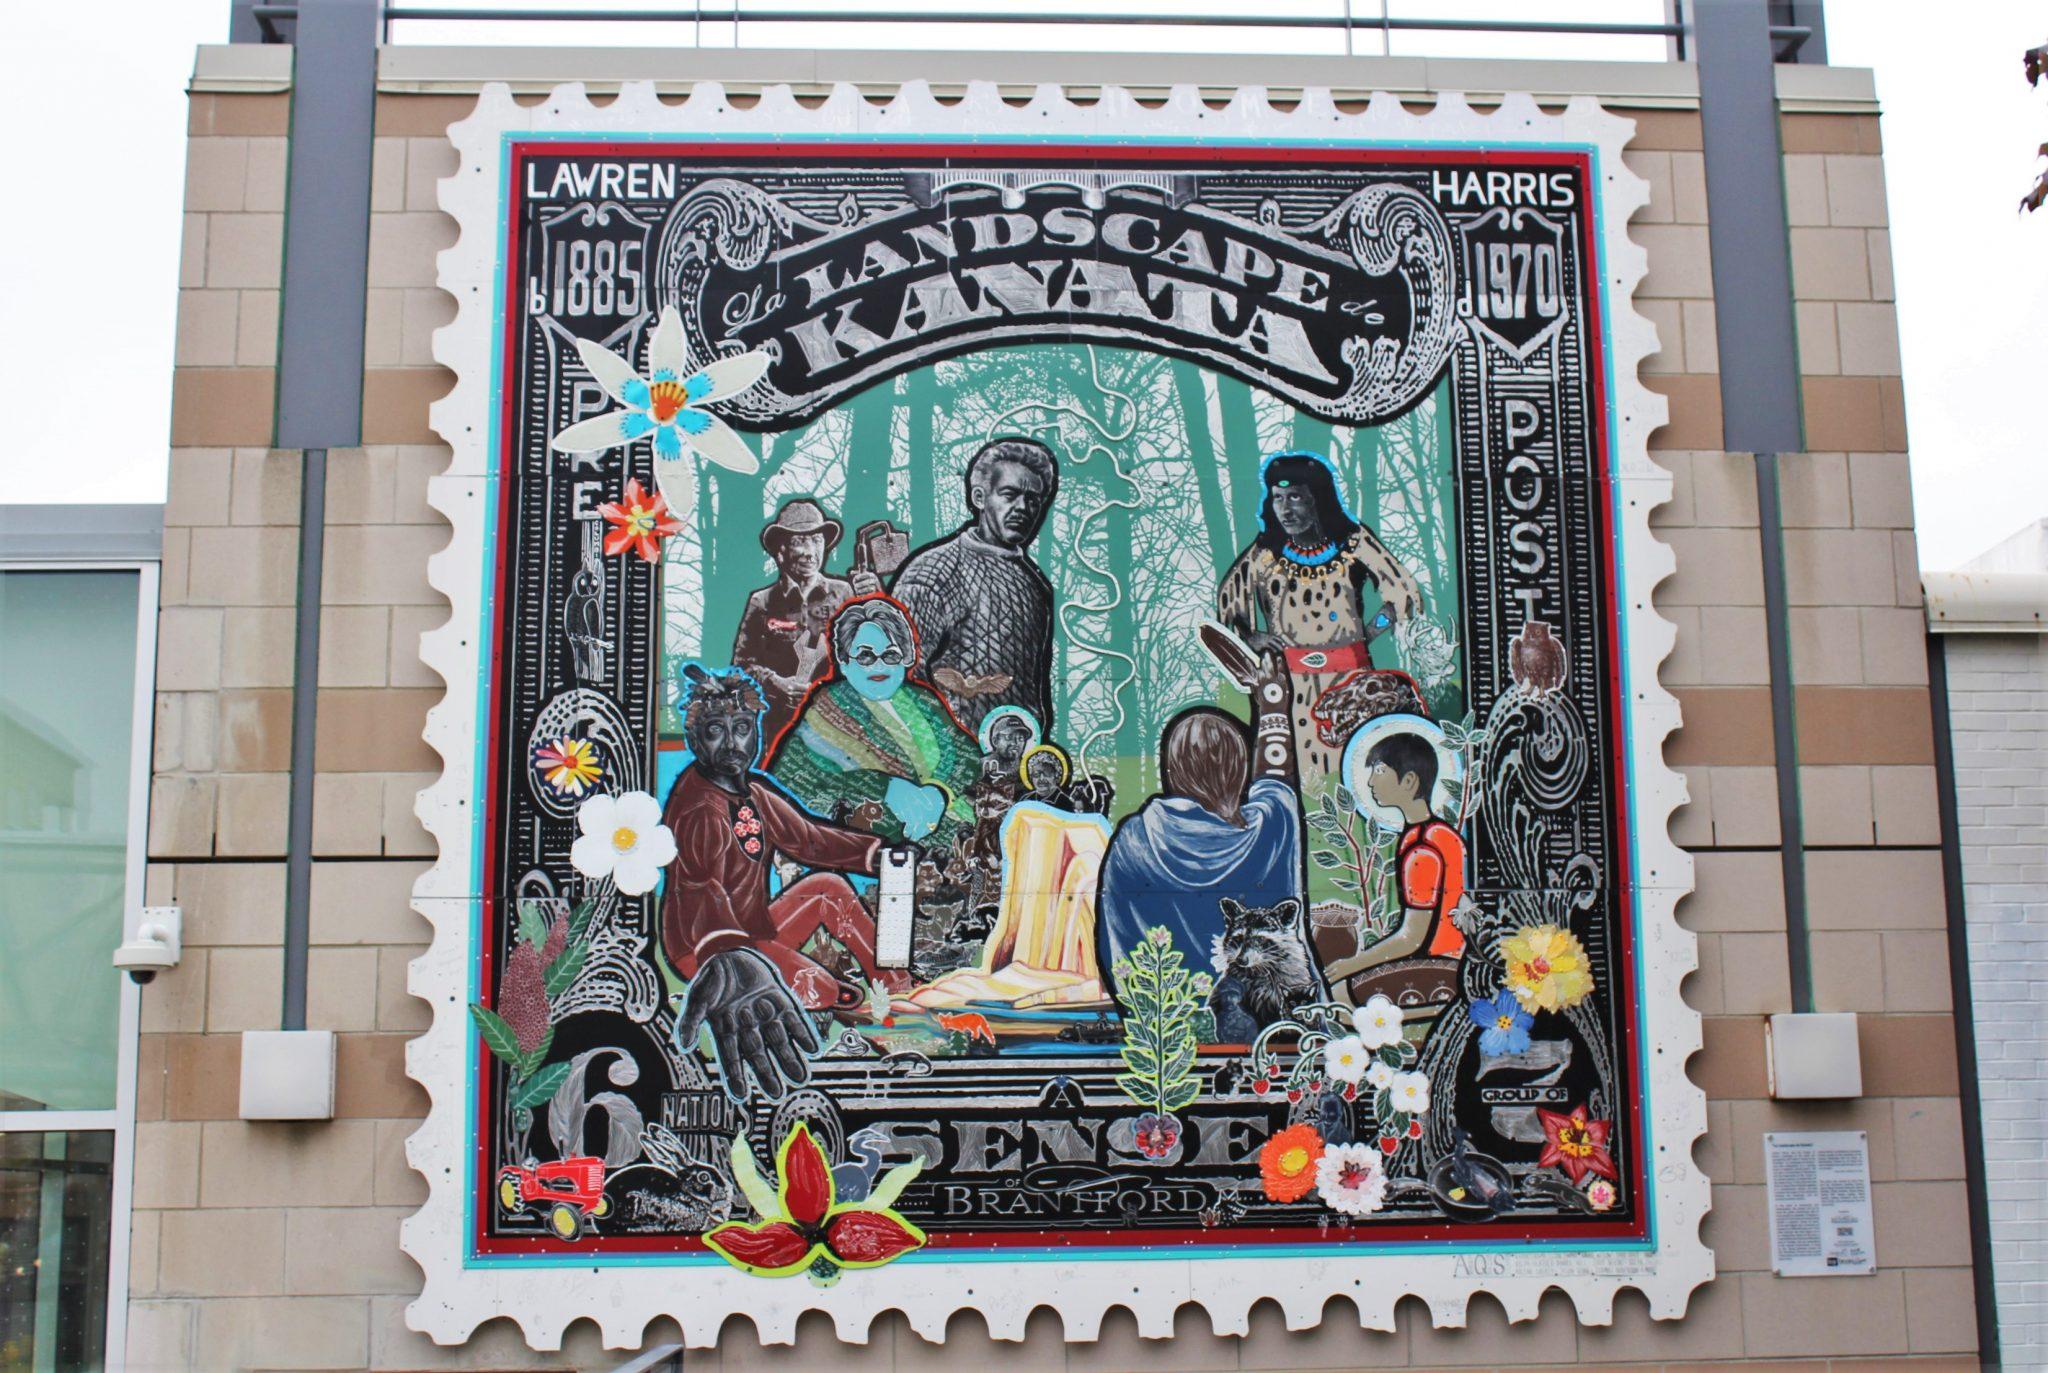 Landscape Kanata artwork in downtown Brantford